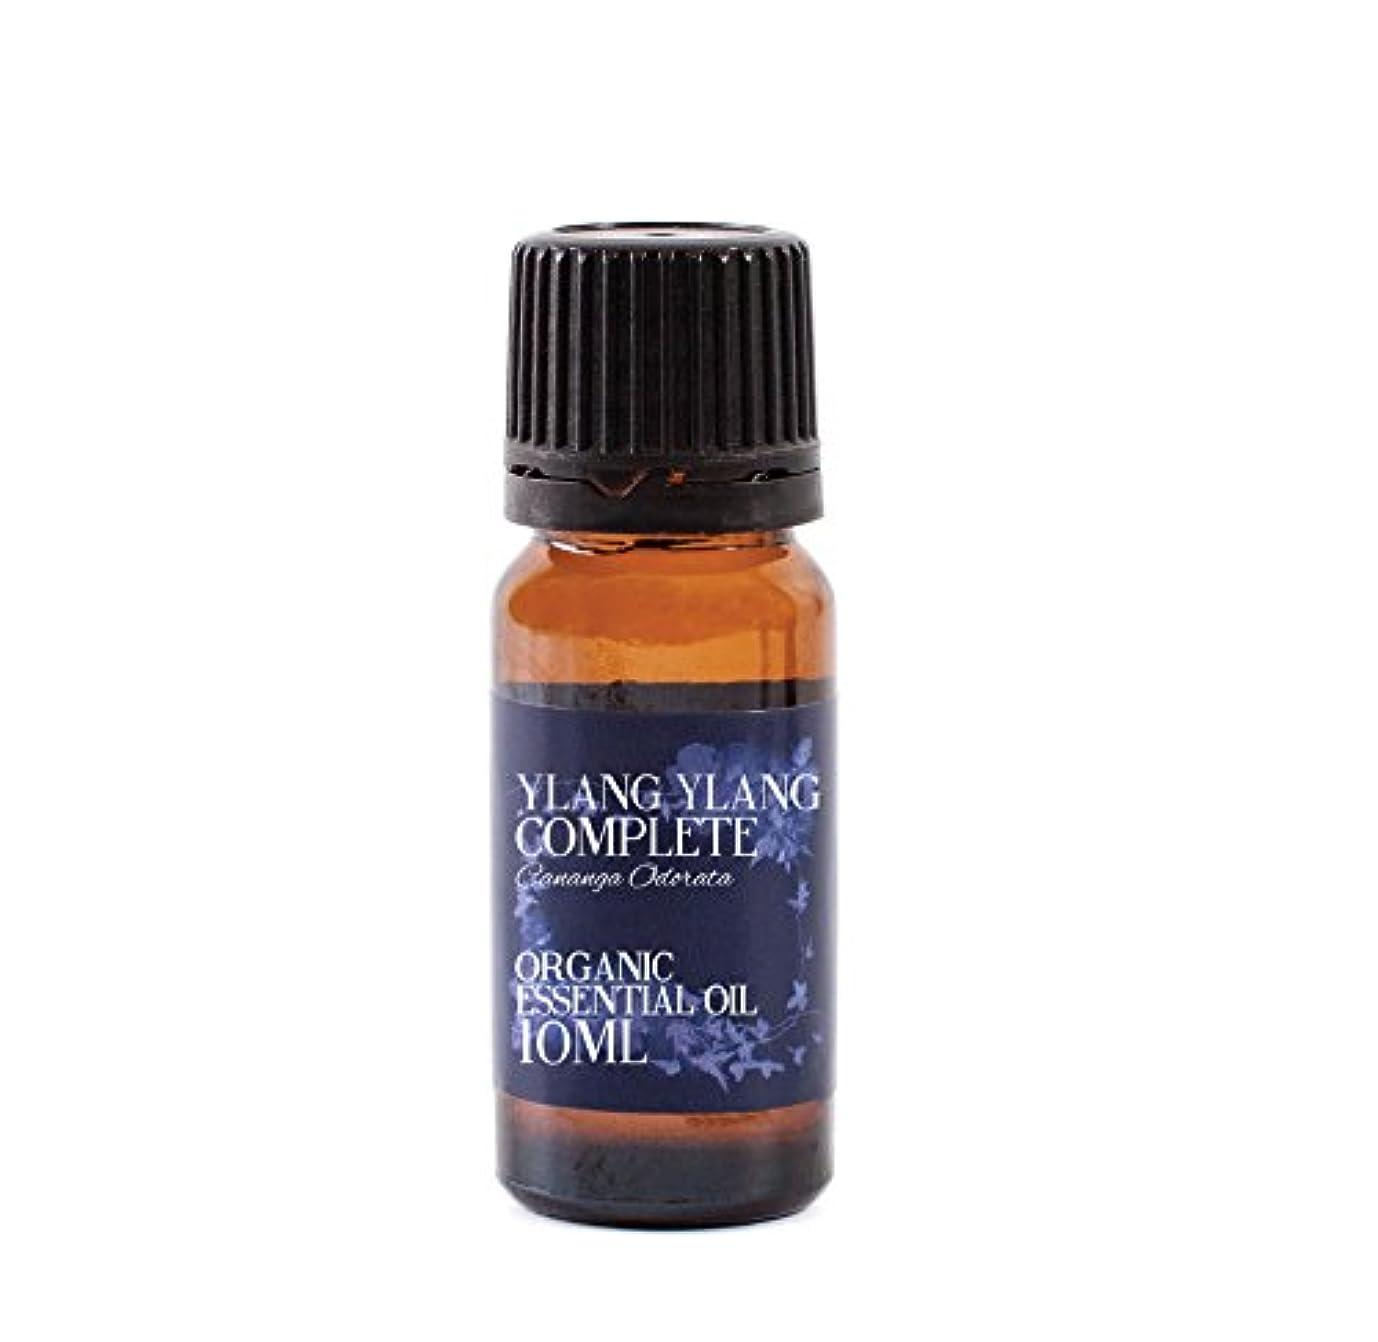 豆シャイニングメカニックMystic Moments | Ylang Ylang Complete Organic Essential Oil - 10ml - 100% Pure